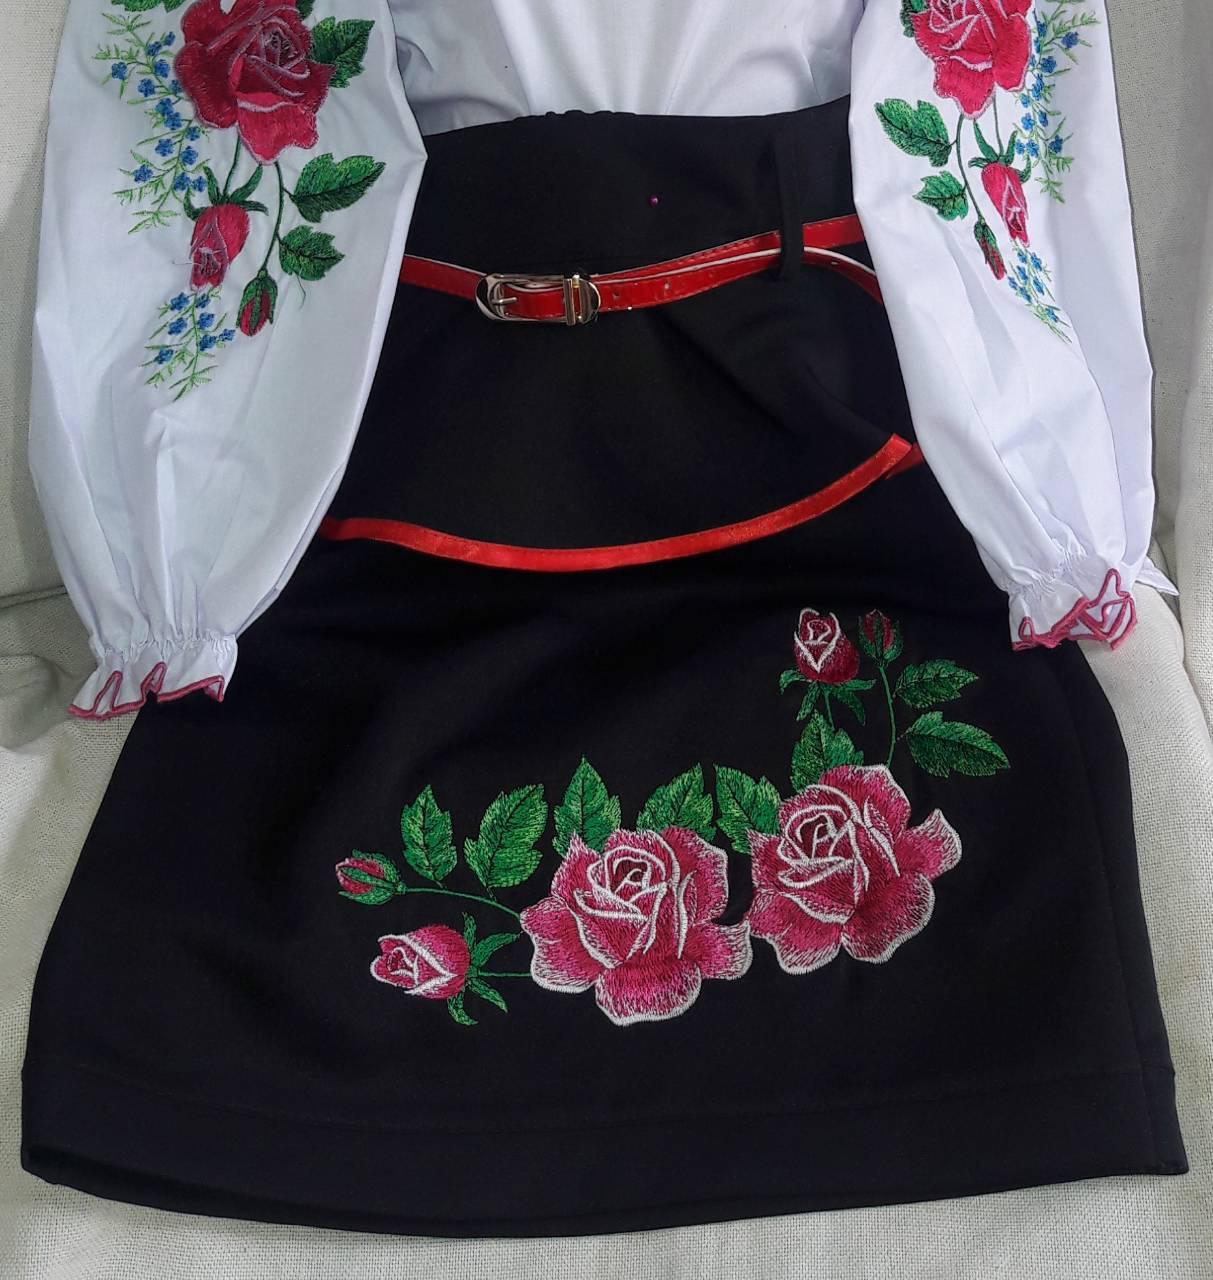 Современная юбка с вышивкой девочке, рост 122-146 см., 260/230 (цена за 1 шт. + 30 гр.)